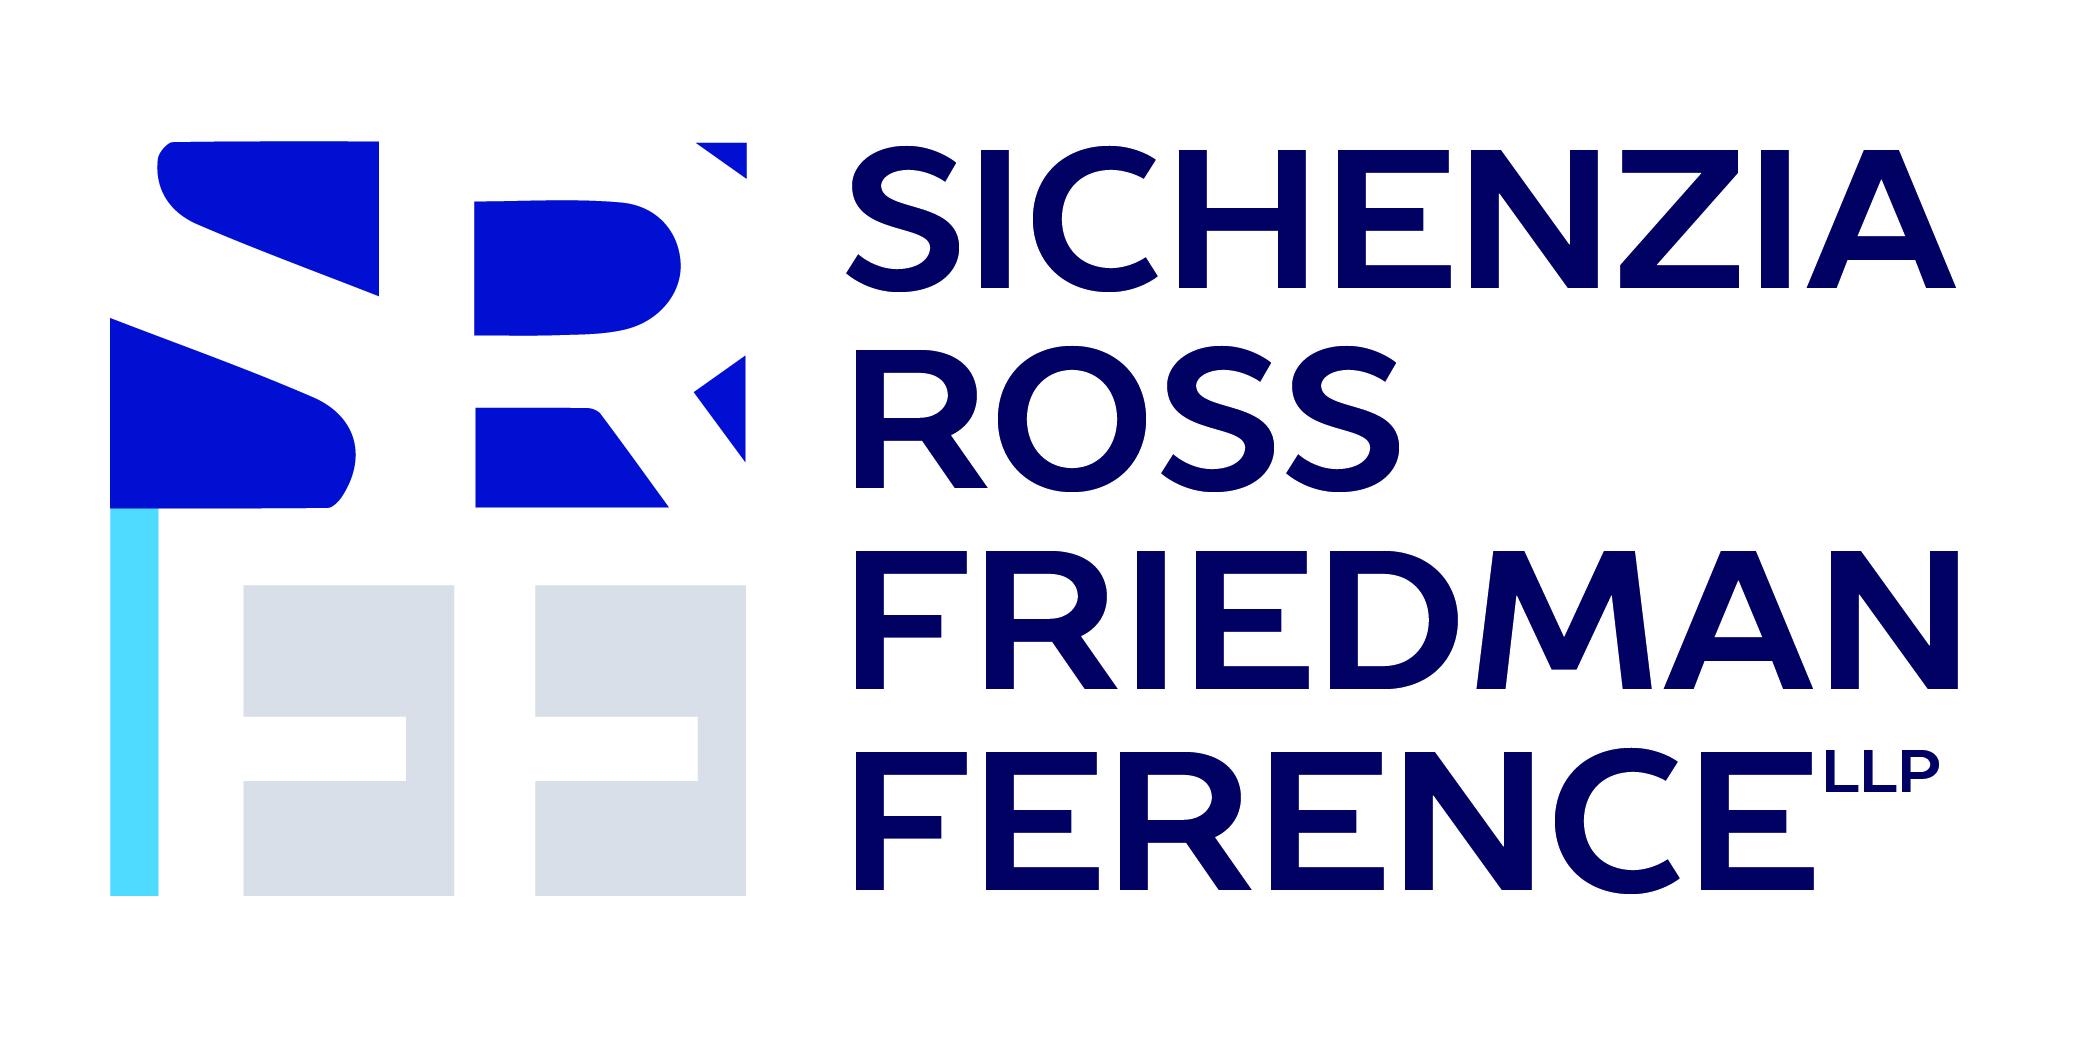 Sichenzia Ross Friedman Ference